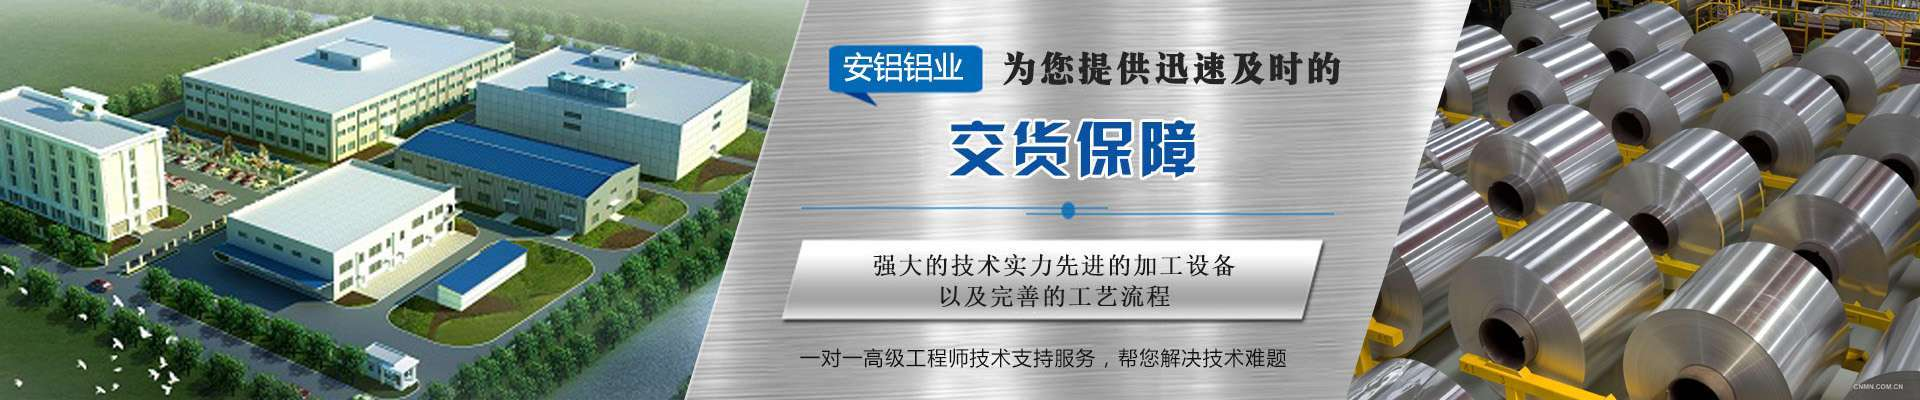 东莞市安铝铝业有限公司